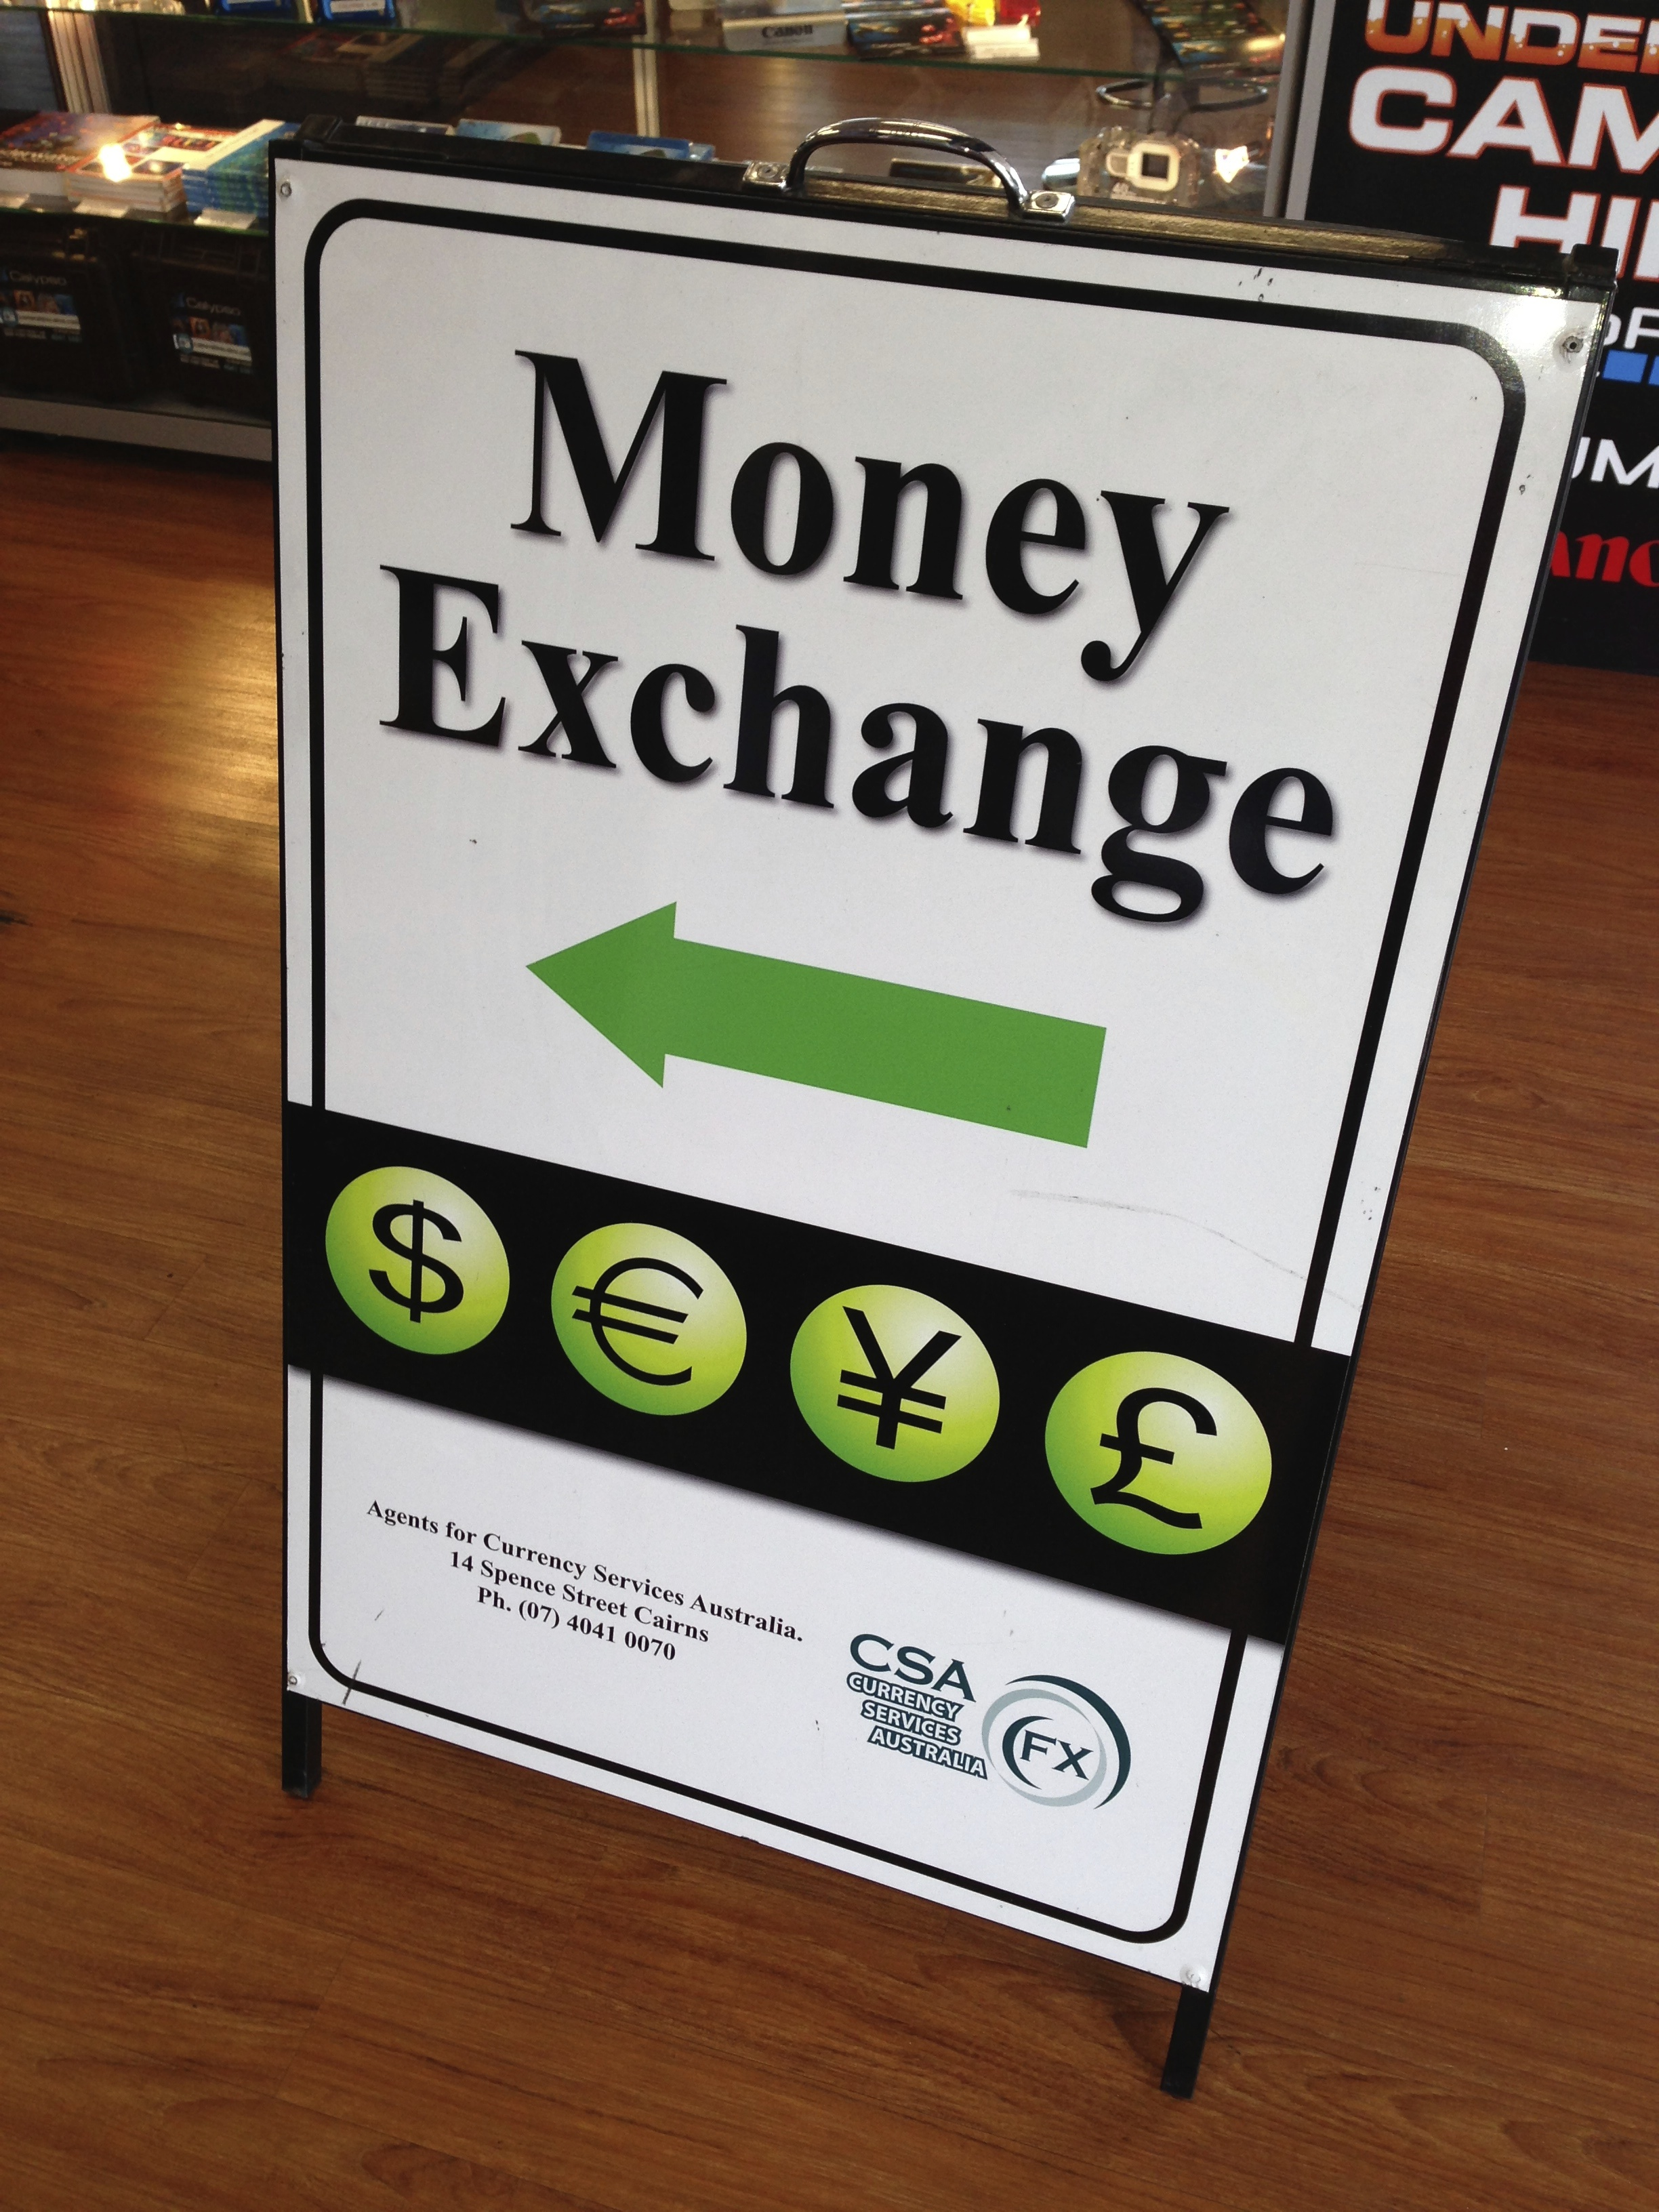 Consejos para cambiar moneda en australia experience - Oficinas de cambio de moneda ...